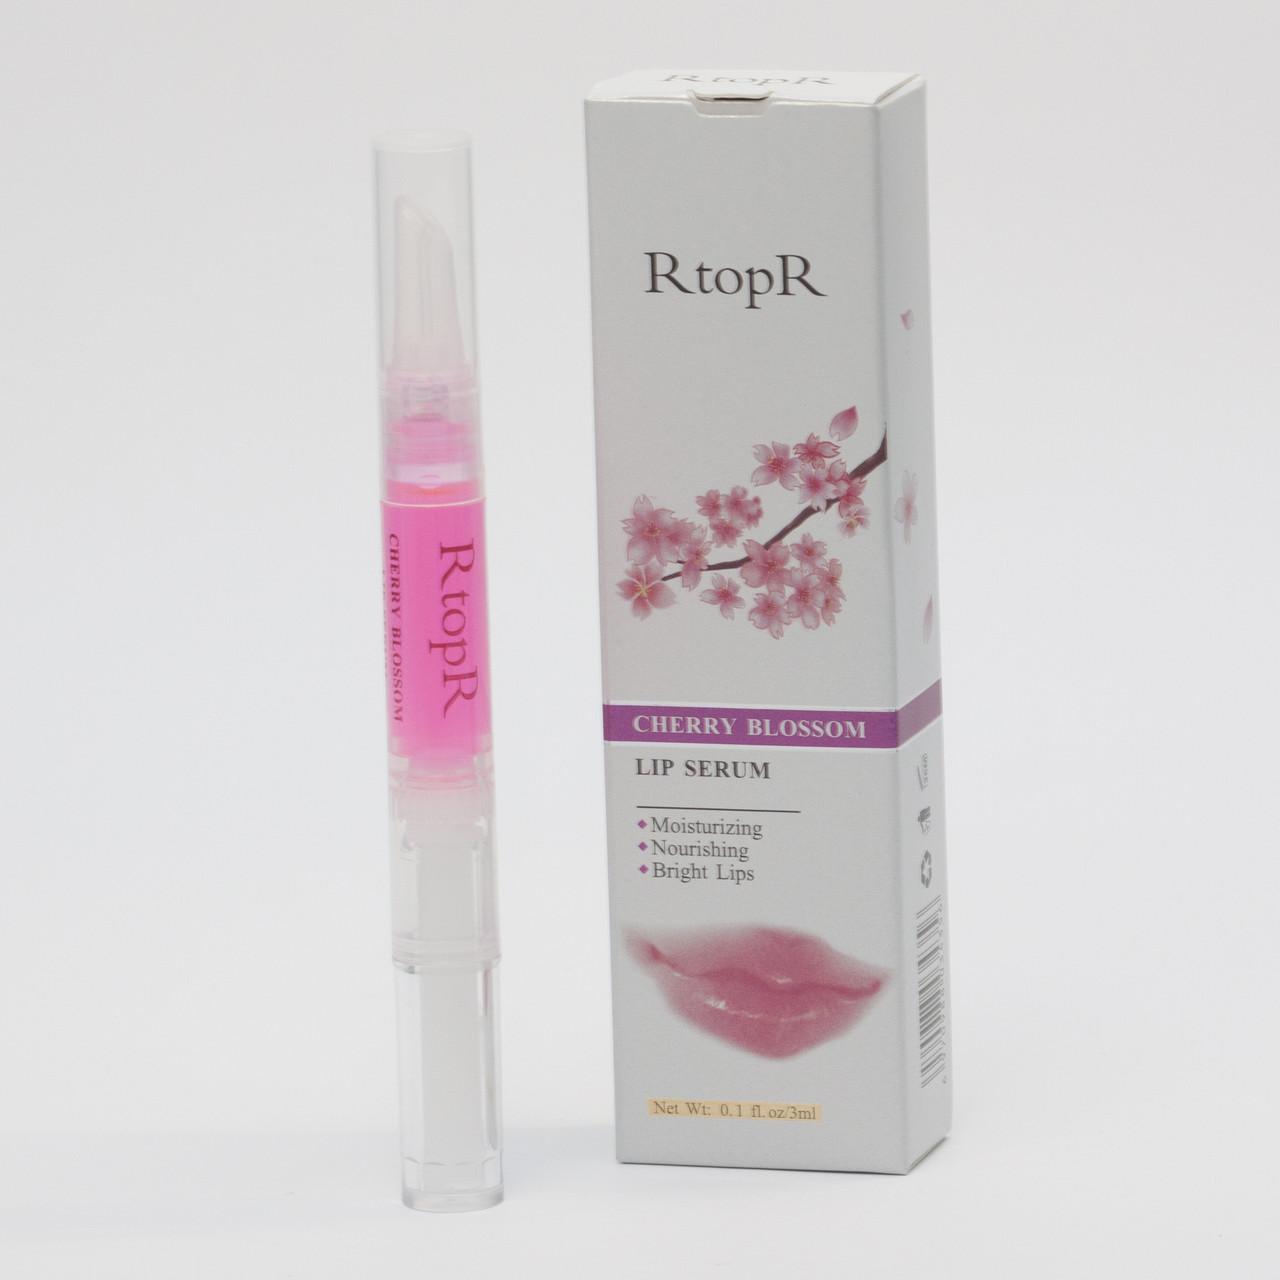 Сыворотка для губ RtopR 3 мл. Rtorp Cherry Blossom Lip Serum